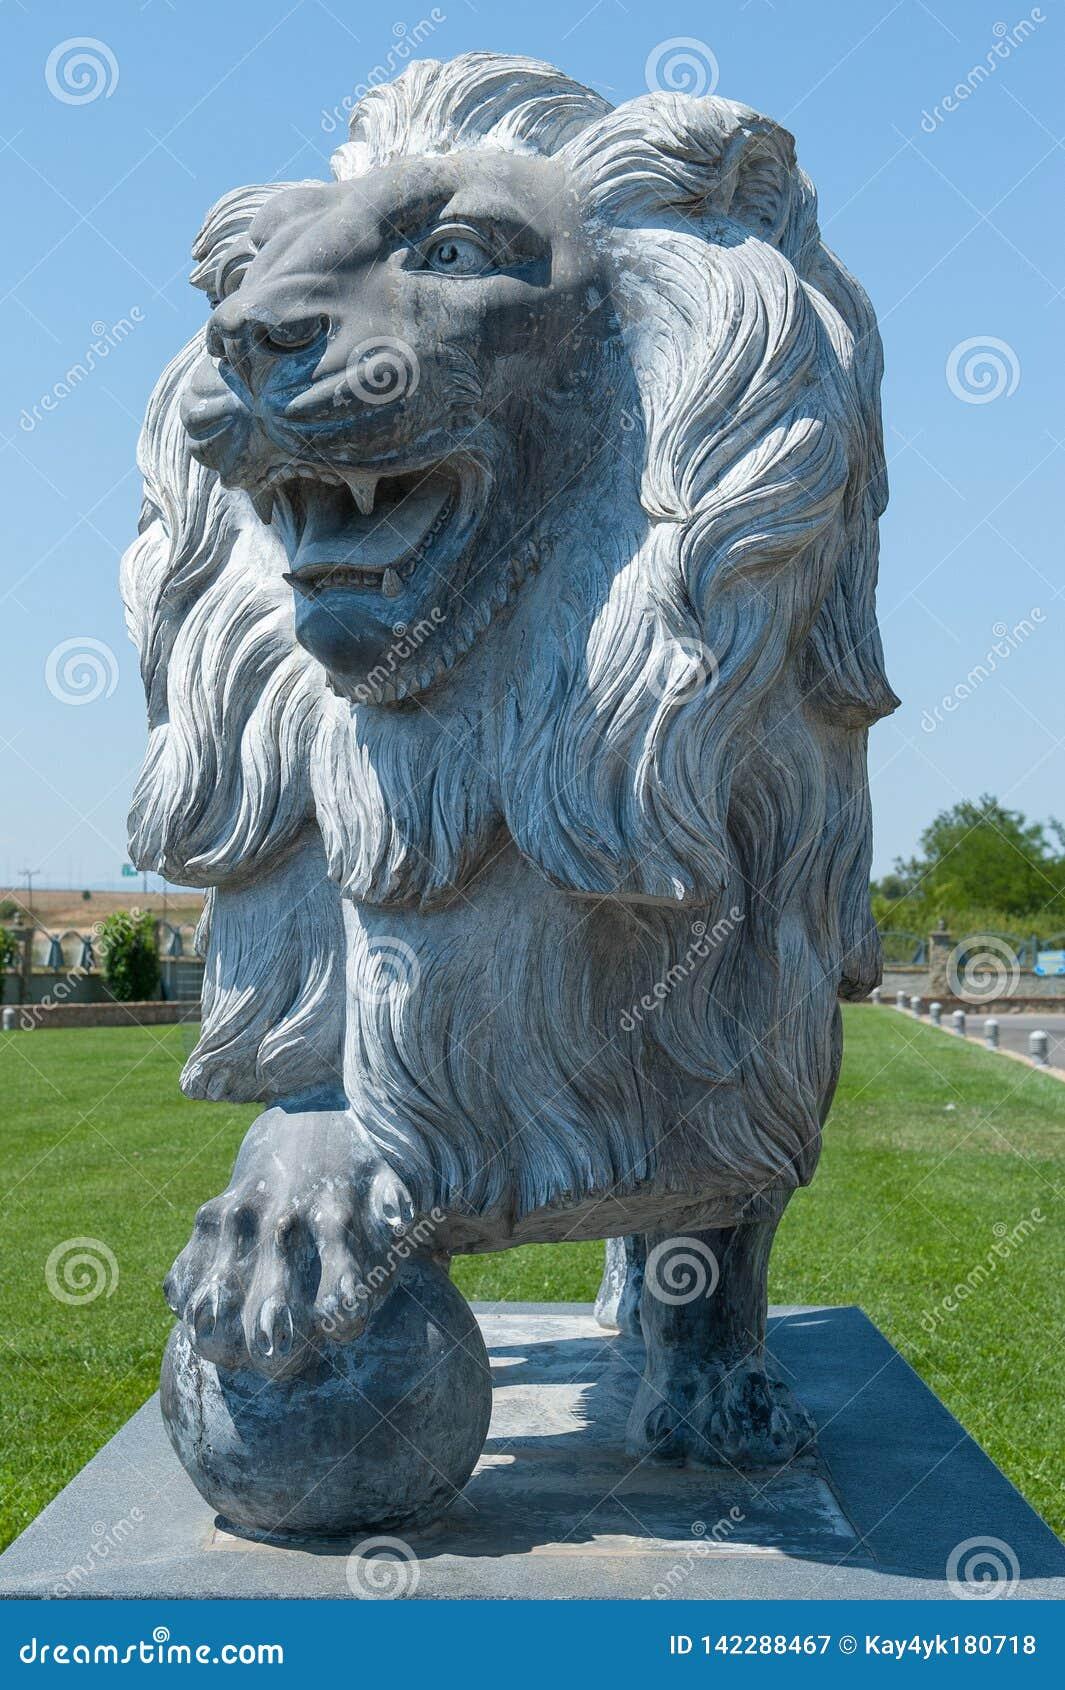 Πέτρινο λιοντάρι, άγαλμα ενός λιονταριού, λιοντάρι με μια σφαίρα